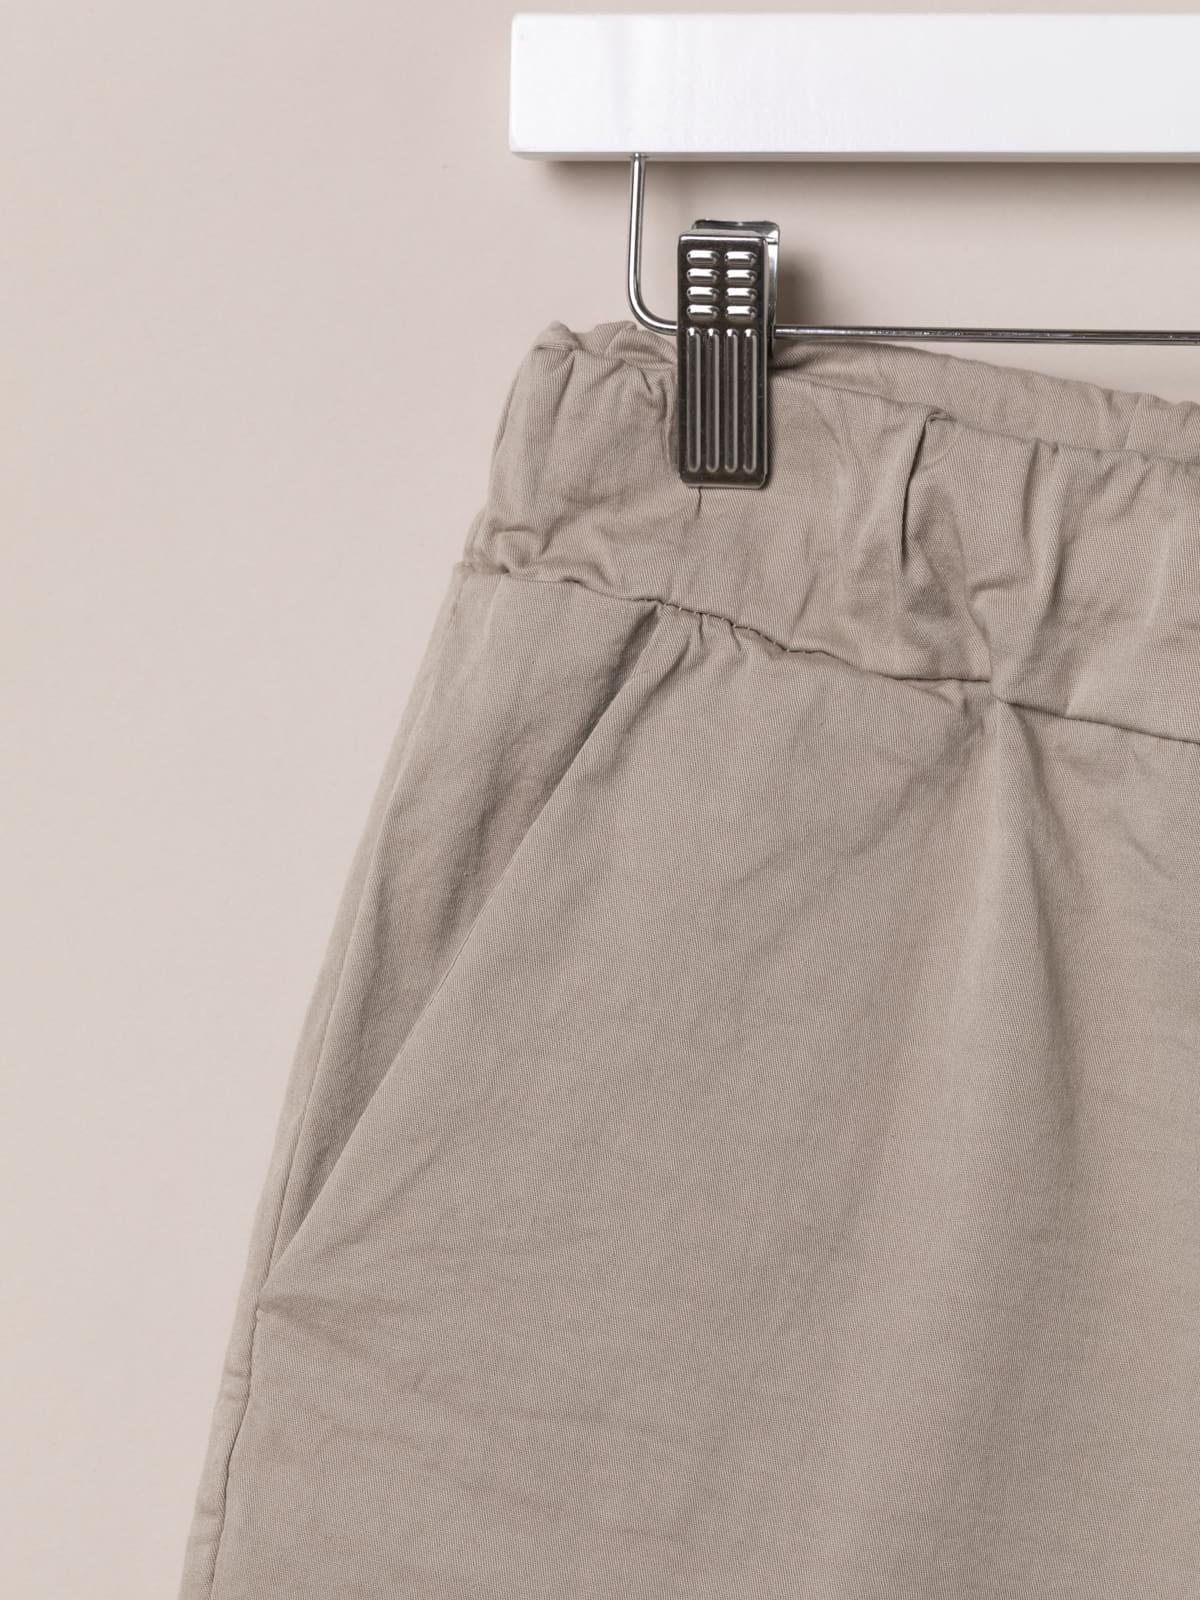 Bermuda mujer básica goma en cintura Beige